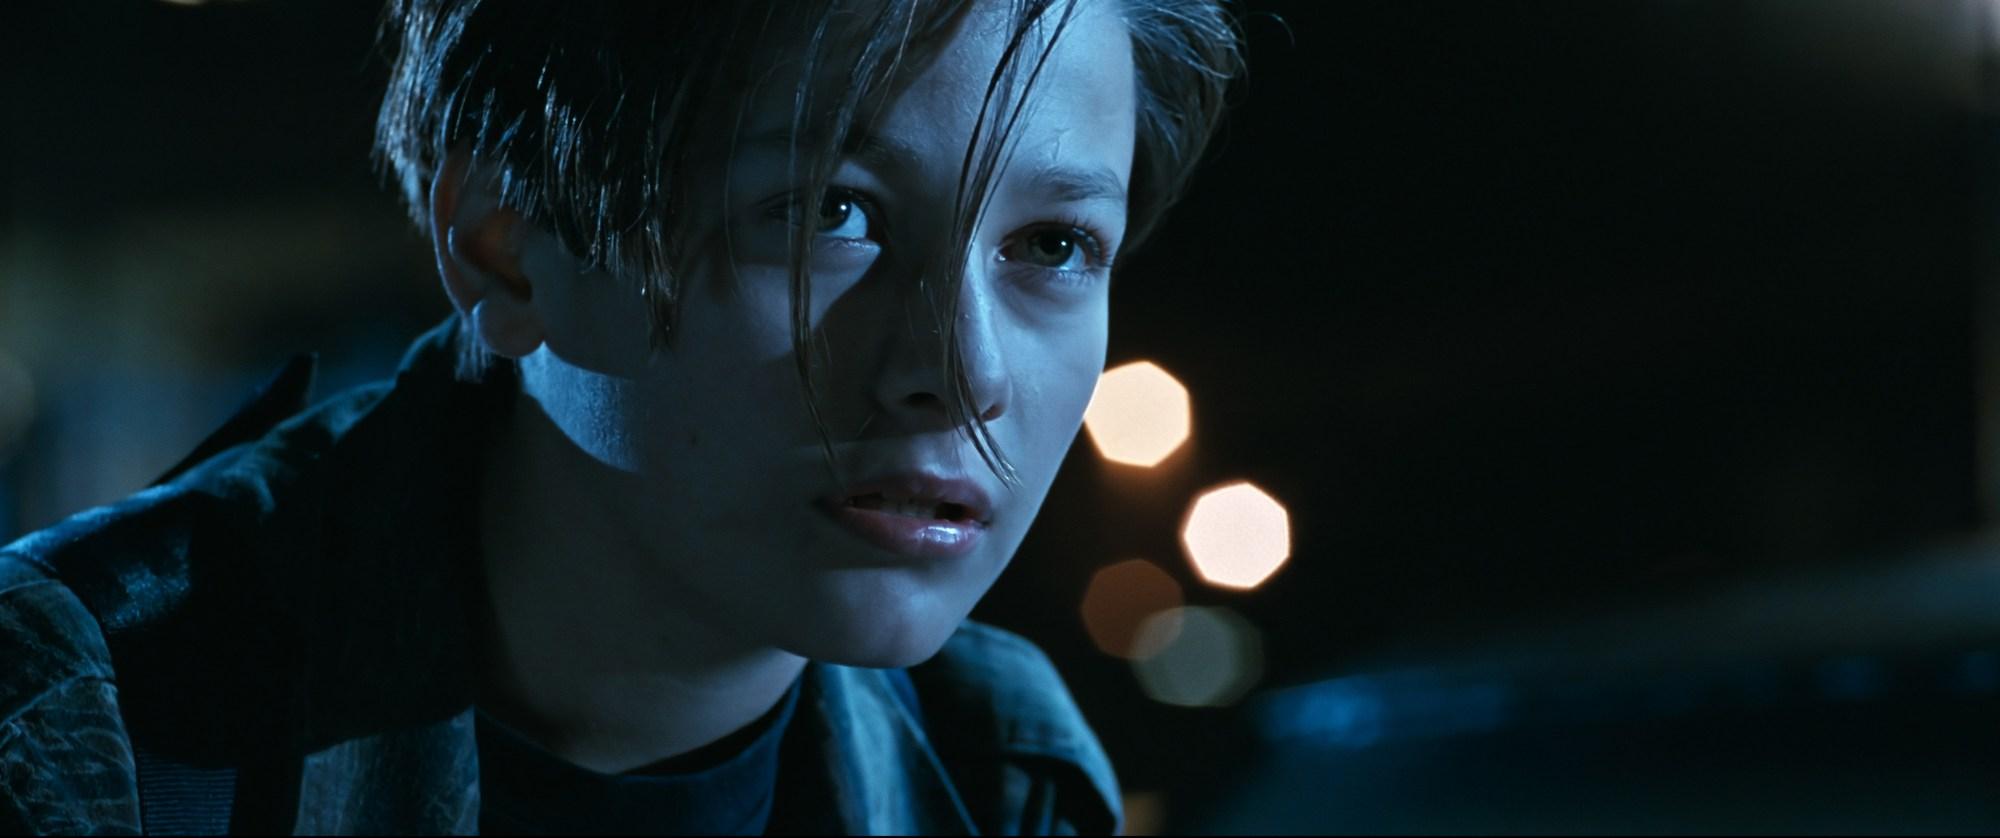 Így fest majd John Connor az új Terminator-filmben